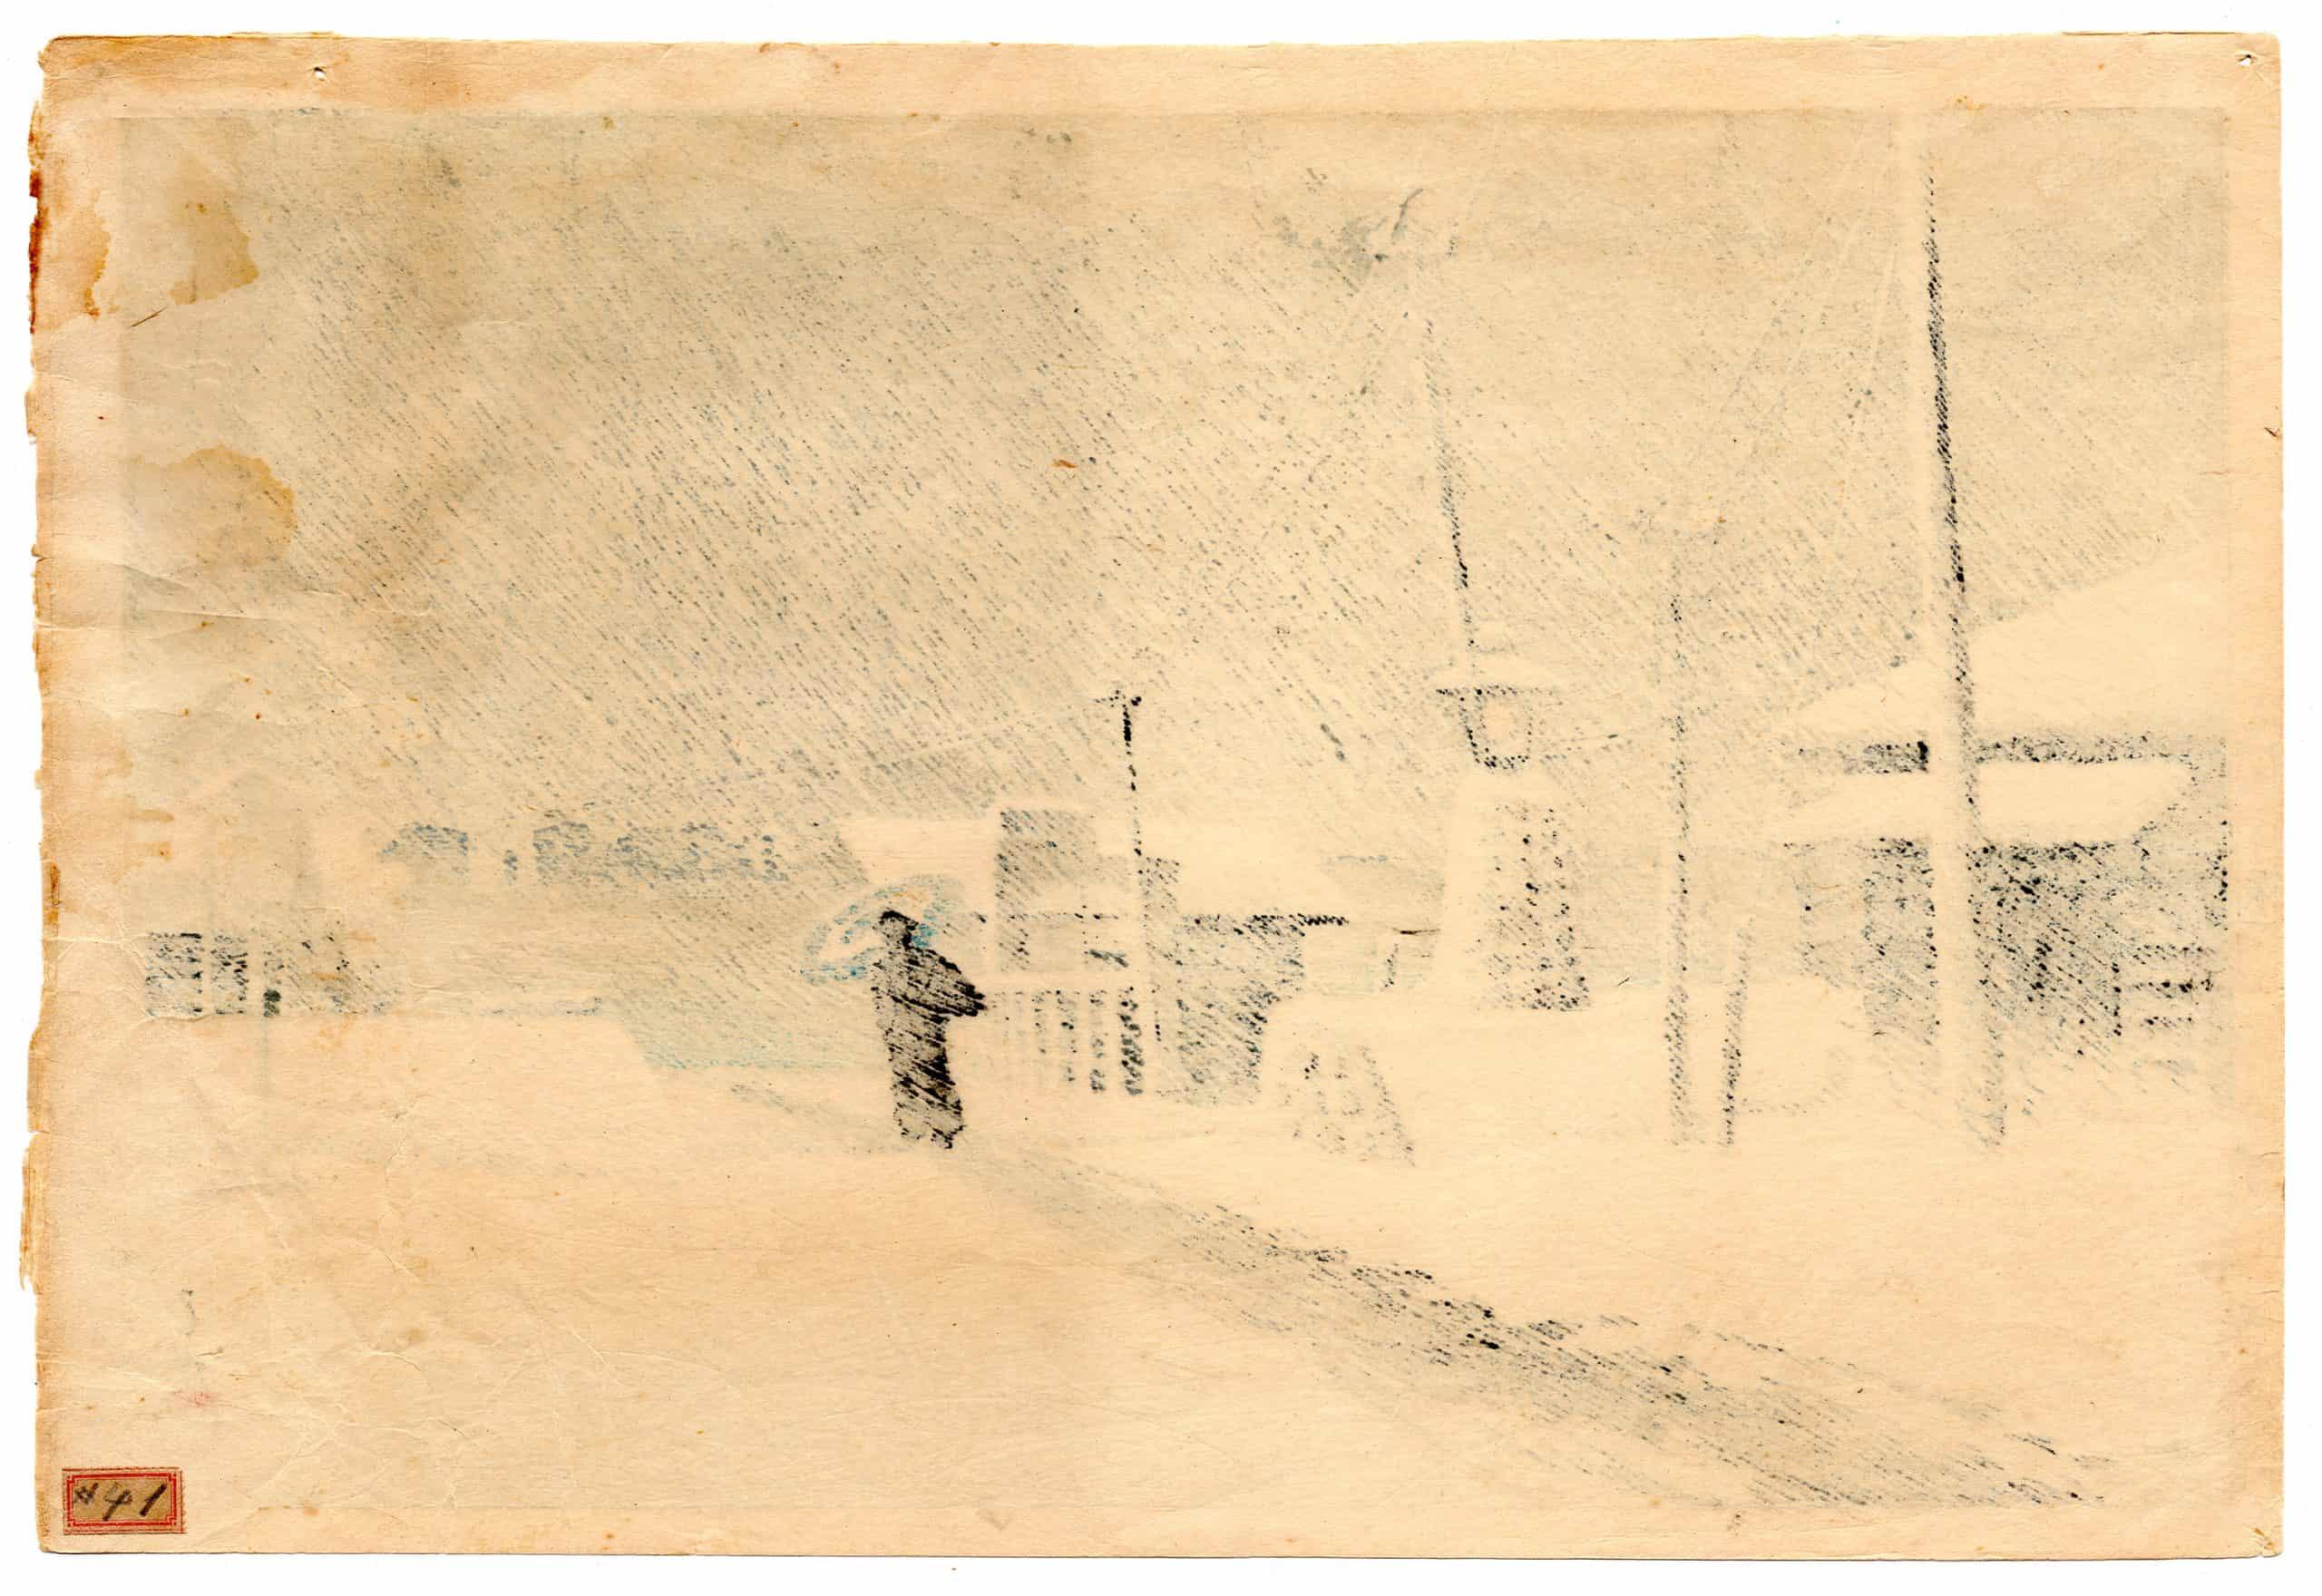 Kawase Hasui - Snow at Tsukijima (Twenty Views of Tokyo) (verso)